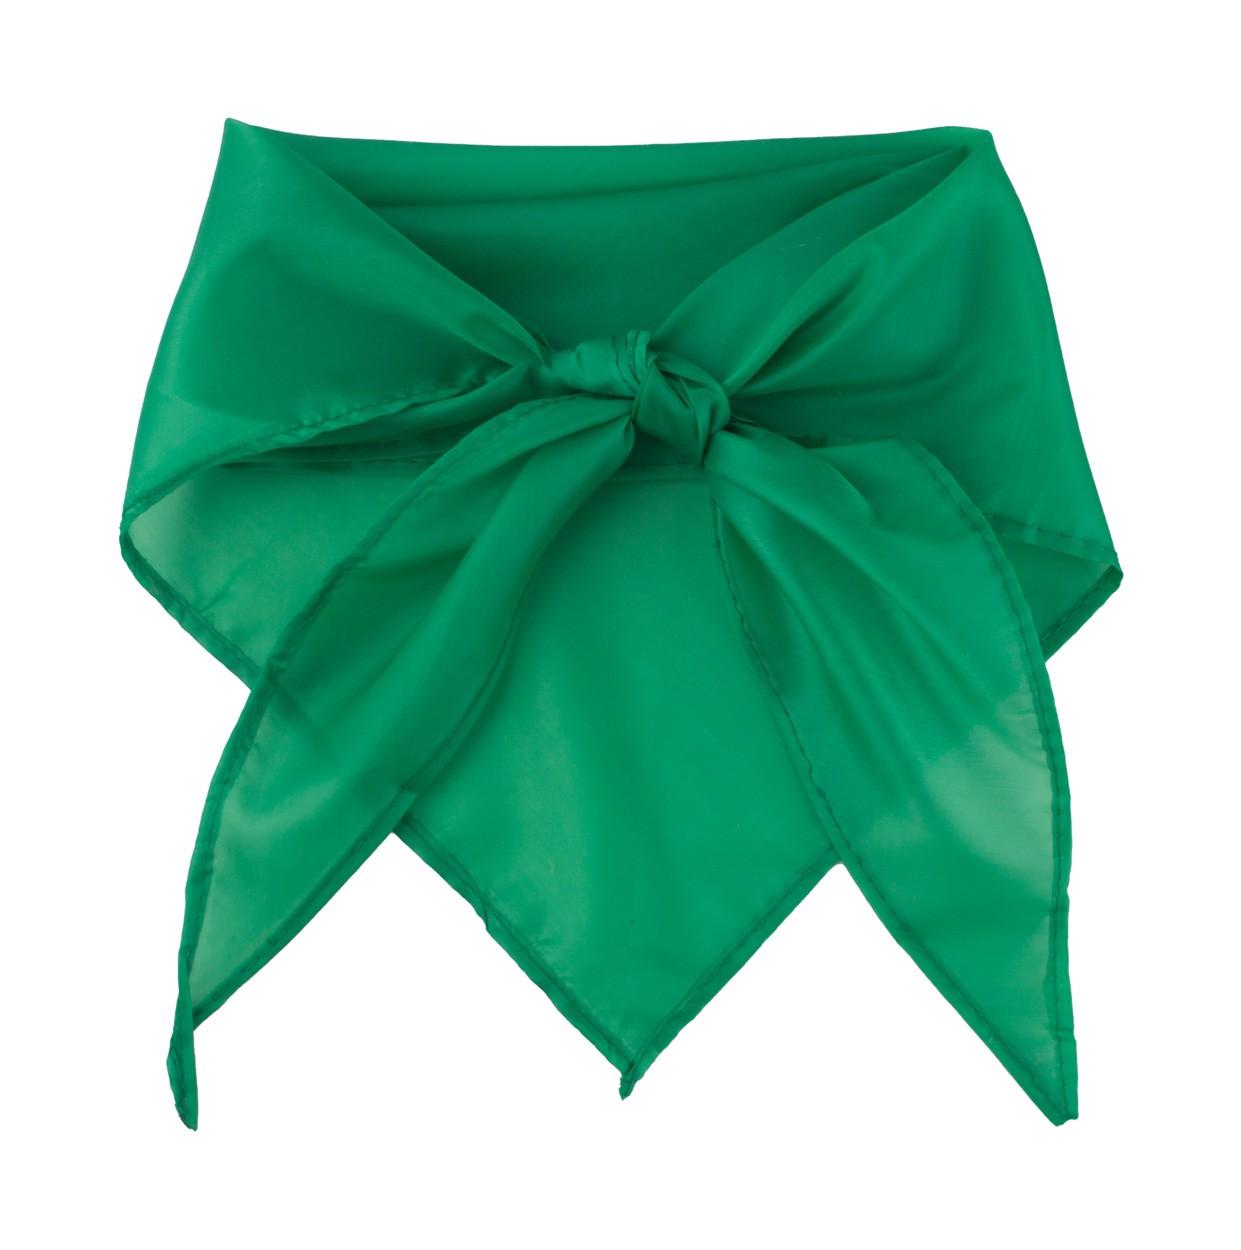 Šátek Plus - Zelená